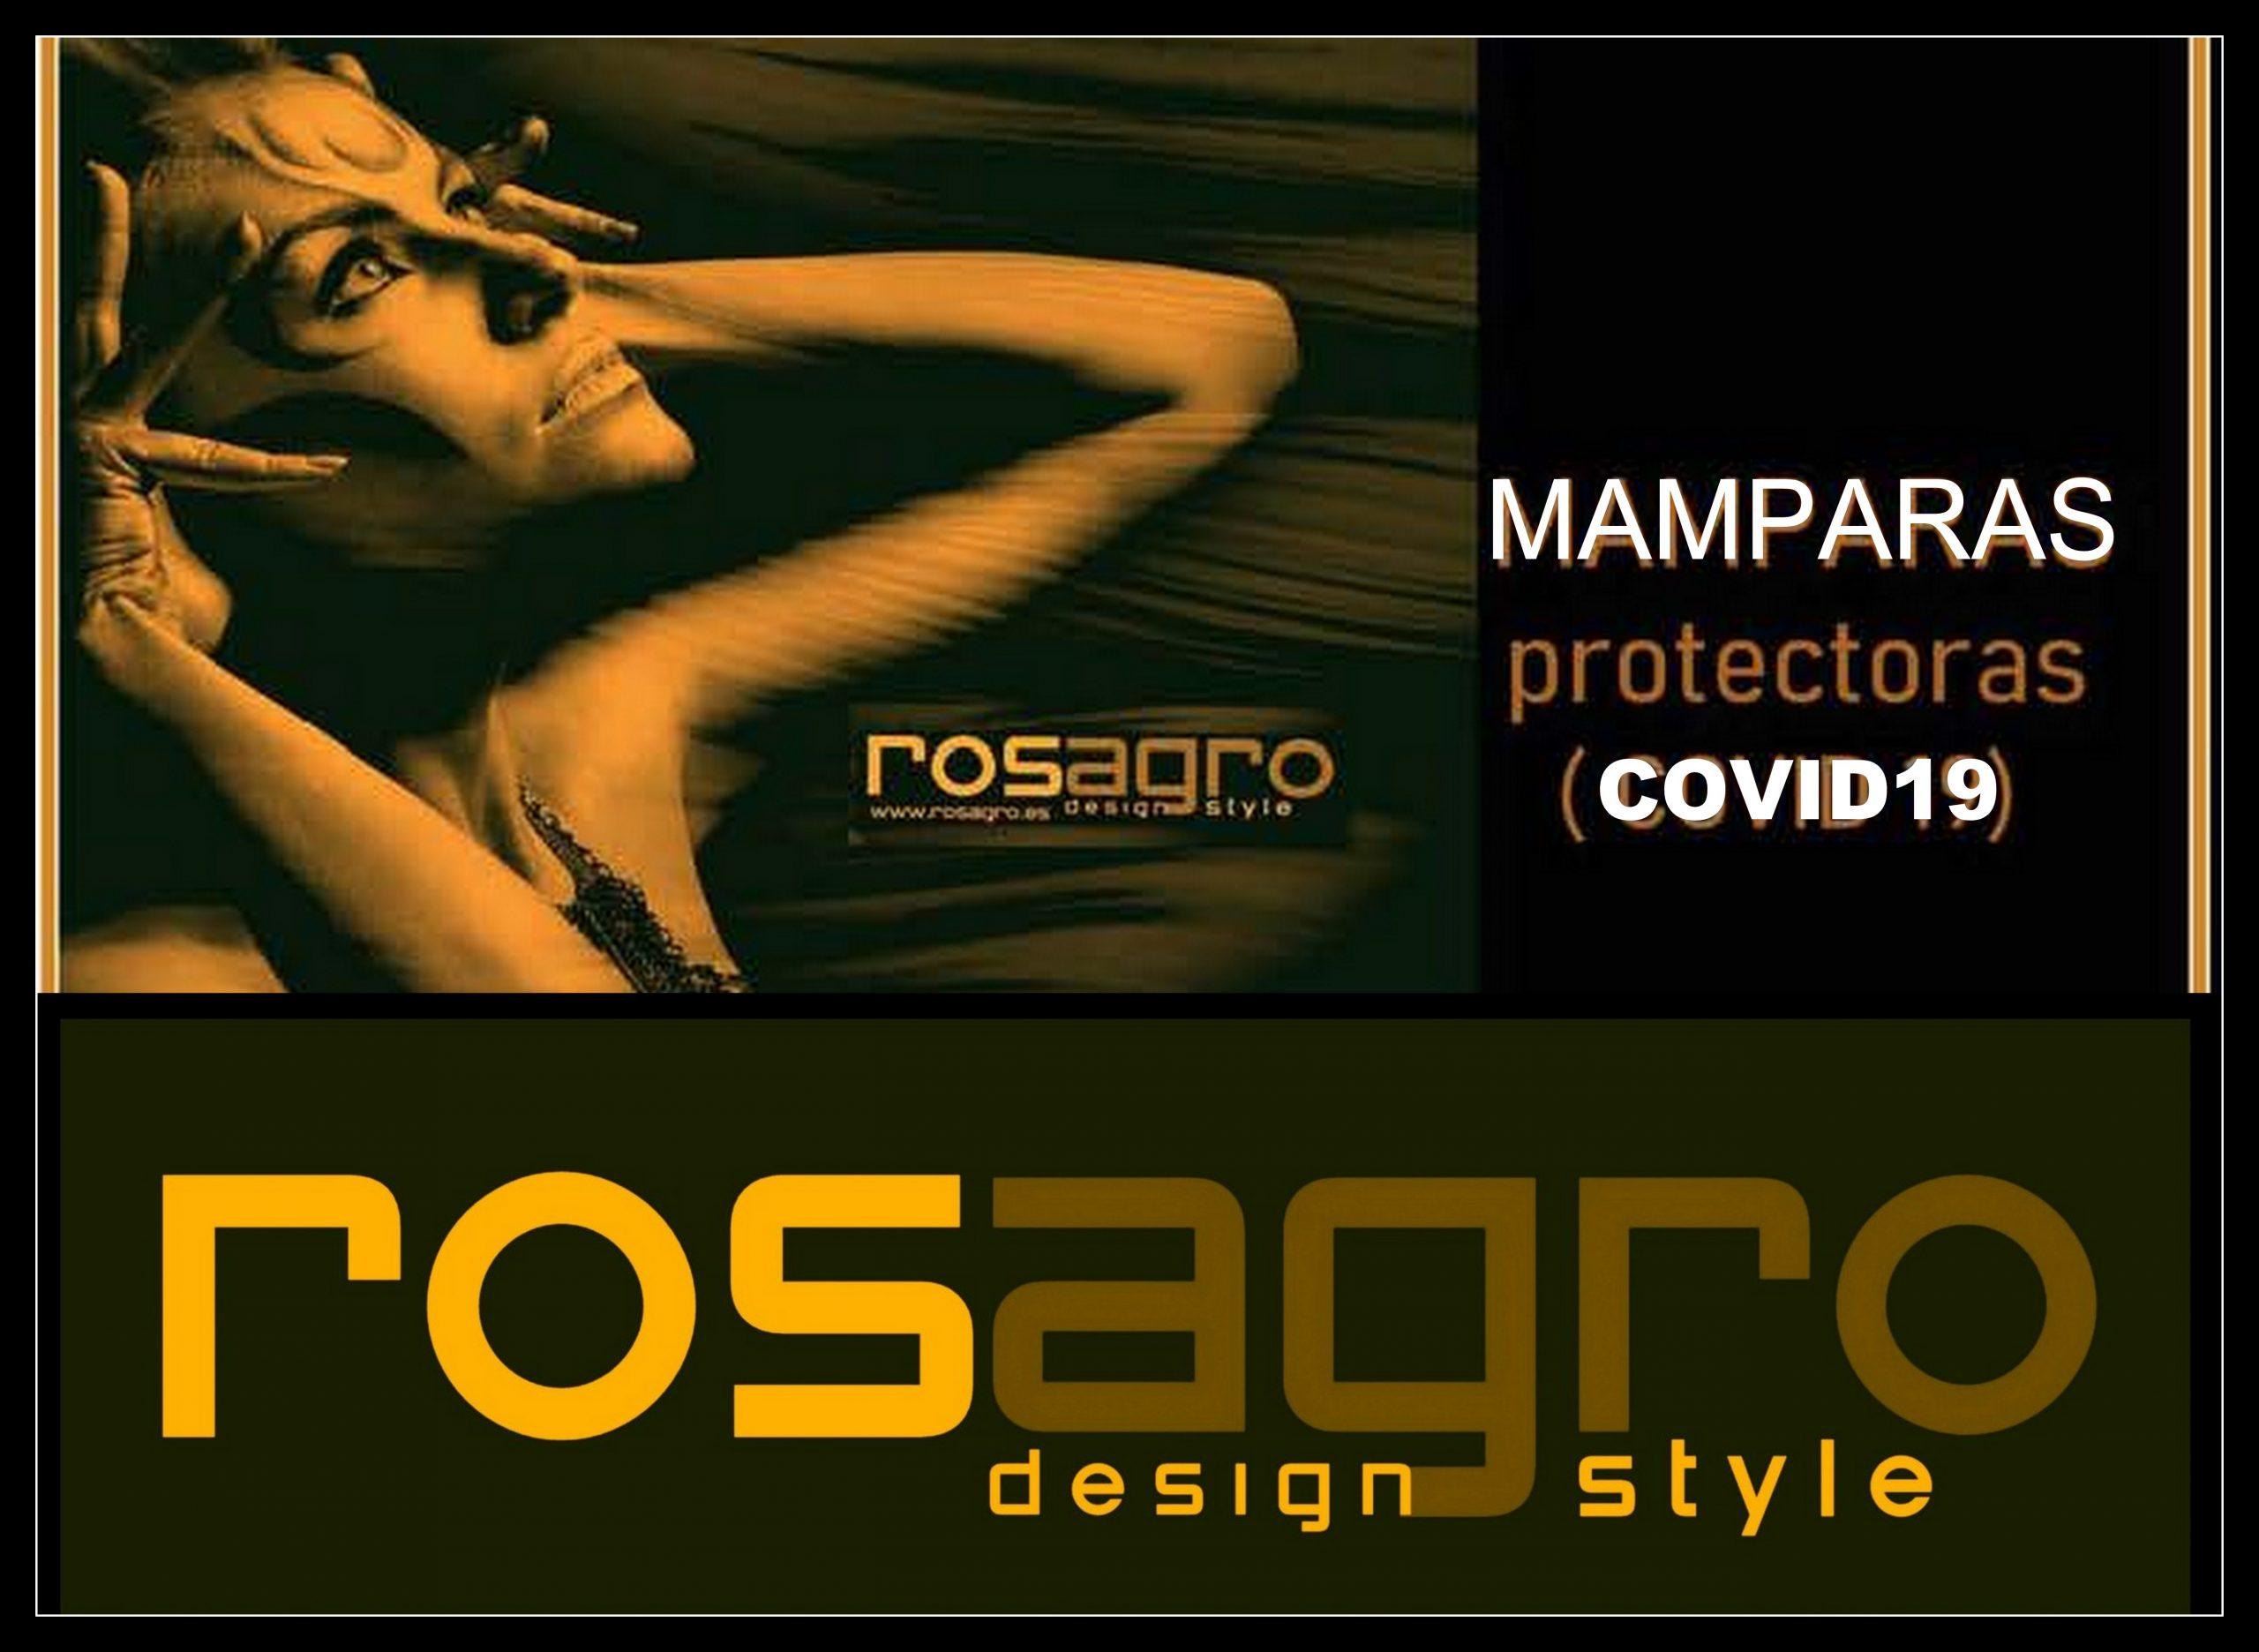 MAMPARAS COVID 19